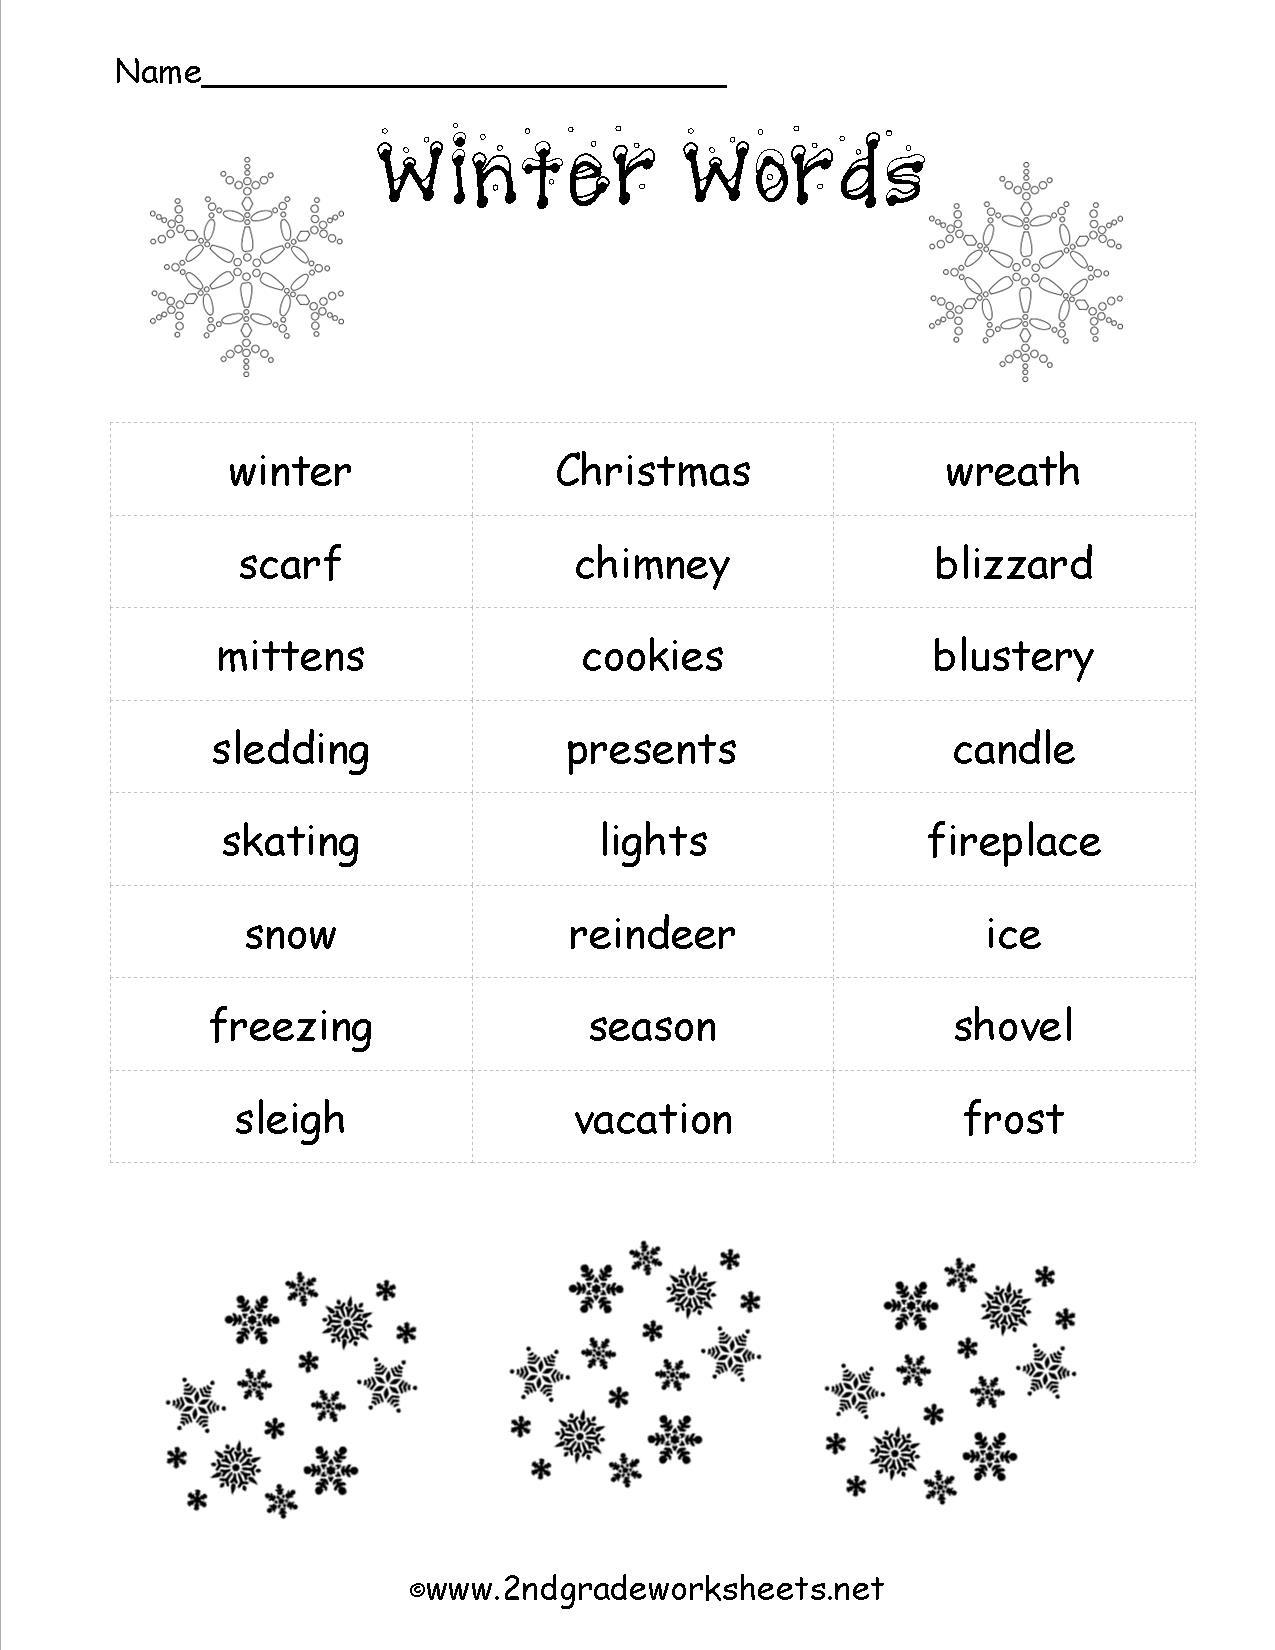 Christmas Worksheets And Printouts - Free Printable Christmas Activities